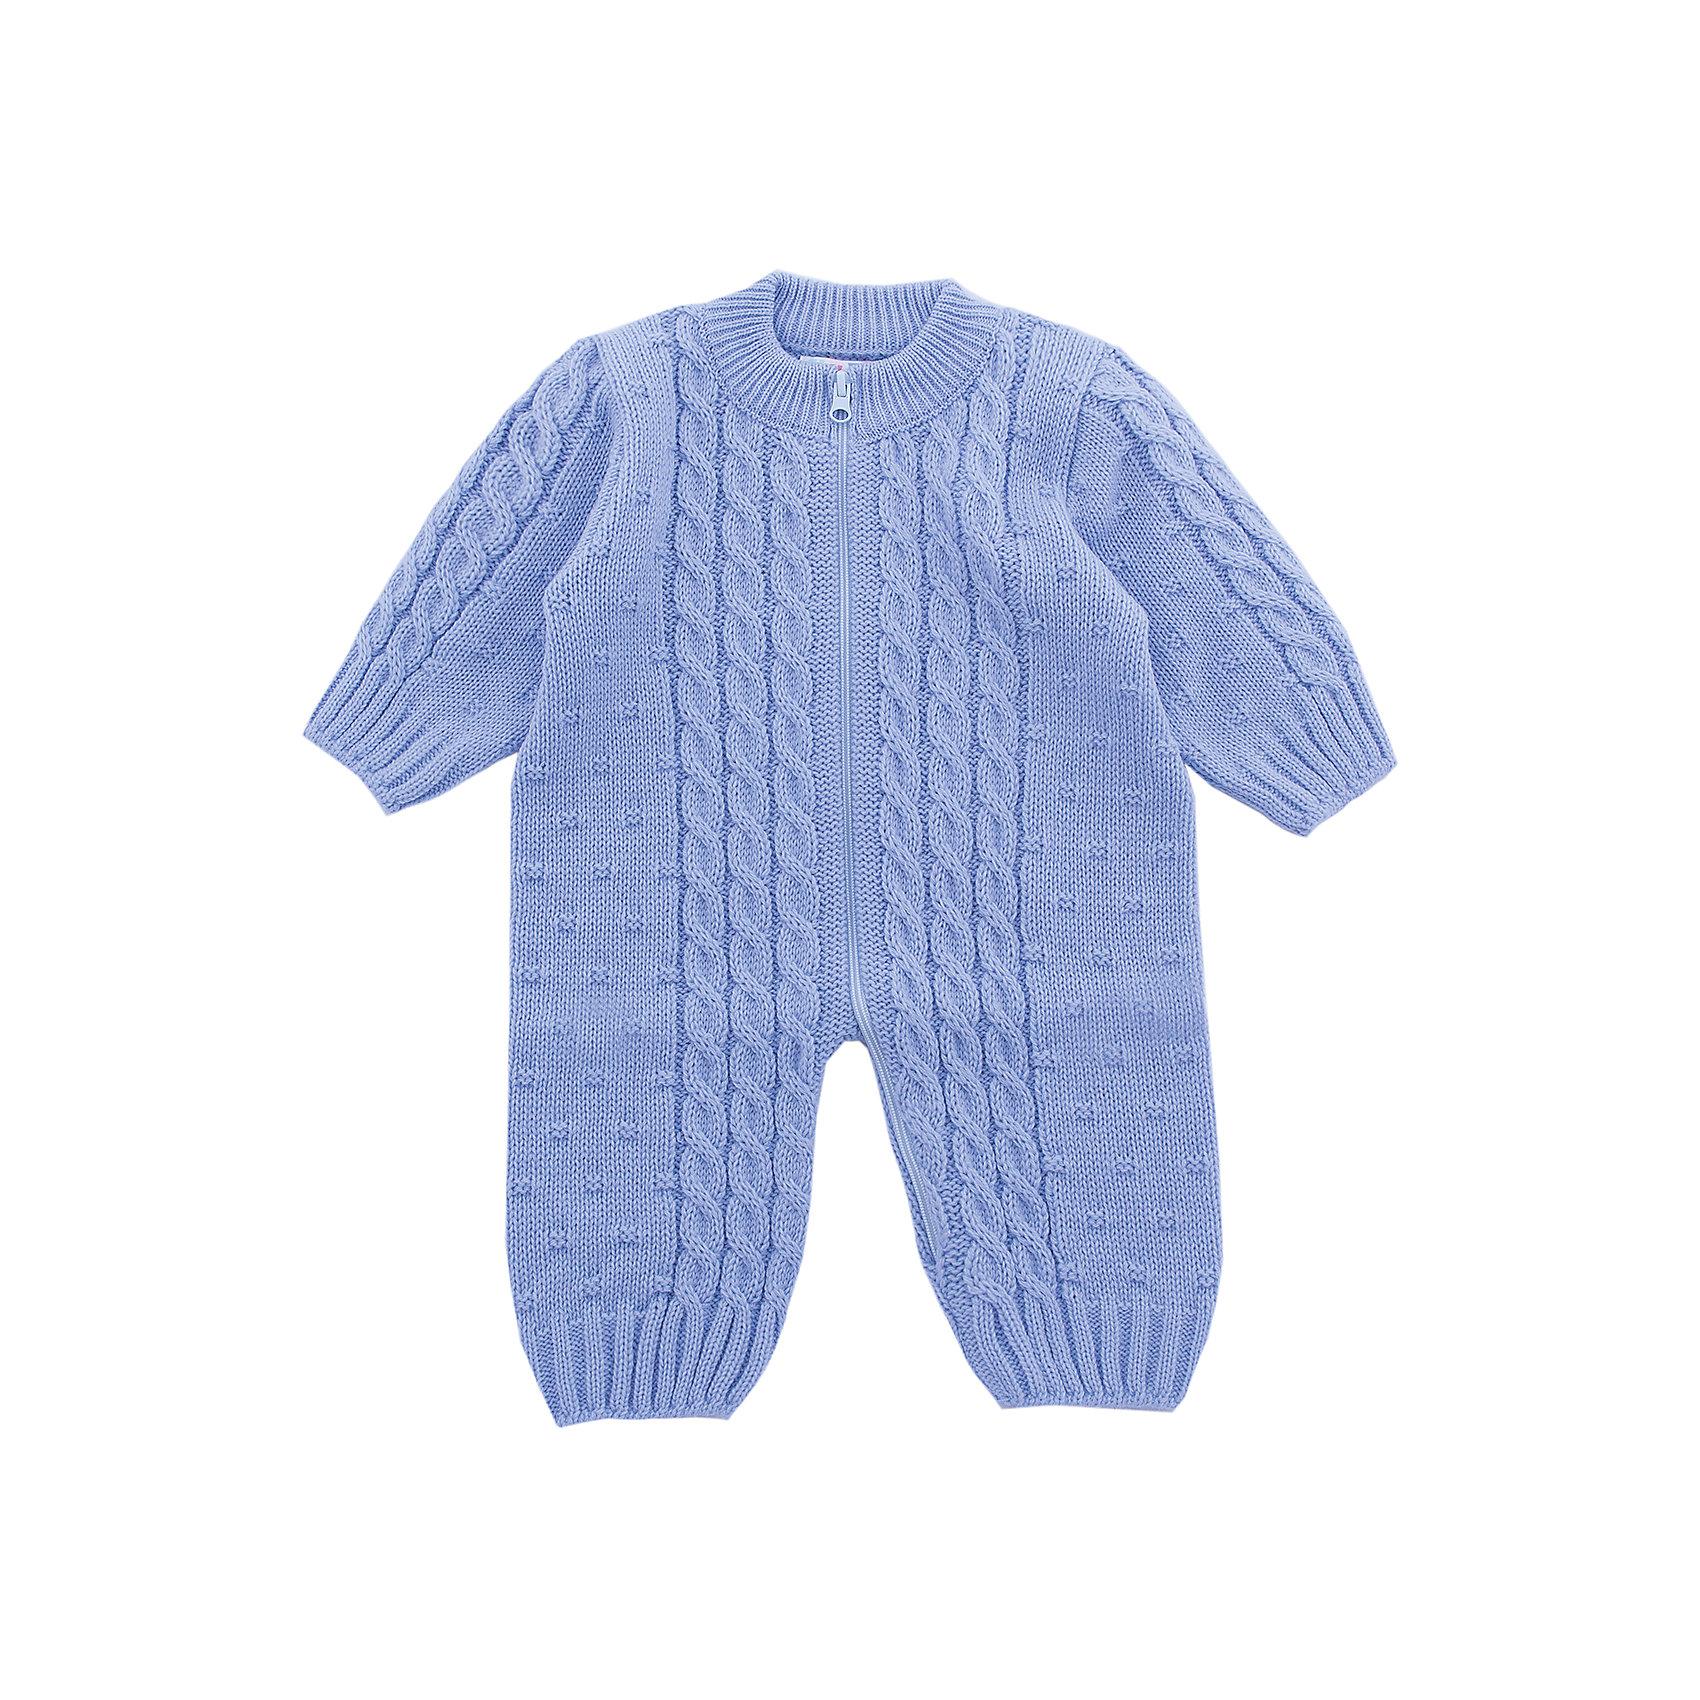 Комбинезон  Бусинка Уси-Пуси для мальчикаКомбинезоны<br>Характеристики товара:<br><br>• цвет: голубой;<br>• ткань: вязаная;<br>• пол: мальчик;<br>• состав ткани: 50% шерсть, 50% пан;<br>• вид застежки: на молнии;<br>• особенности модели: вязаная, однотонная;<br>• сезон: демисезон;<br>• страна бренда: Россия;<br>• страна изготовитель: Россия.<br><br>Вязаный комбинезон «Бусинка» можно одевать деткам с самого рождения. Изделие выполнено из мягкой пряжи. Комбинезон с открытыми ручками и ножками. Молния накомбинезоне позволит легко одеть ребенка на прогулку.<br><br>Комбинезон подойдет для любого времени года: его можно носить как летом, так и зимой. Наличие шерсти в составе ткани делает комбинезон очень теплым, поэтому даже в холодное время года ребенку в нем будет комфортно.<br><br>Комбинезон  «Бусинка» Уси-Пуси для мальчика можно купить в нашем интернет-магазине.<br><br>Ширина мм: 157<br>Глубина мм: 13<br>Высота мм: 119<br>Вес г: 200<br>Цвет: голубой<br>Возраст от месяцев: 12<br>Возраст до месяцев: 15<br>Пол: Мужской<br>Возраст: Детский<br>Размер: 74/80,50/56,56/62,62/68,68/74<br>SKU: 7029775